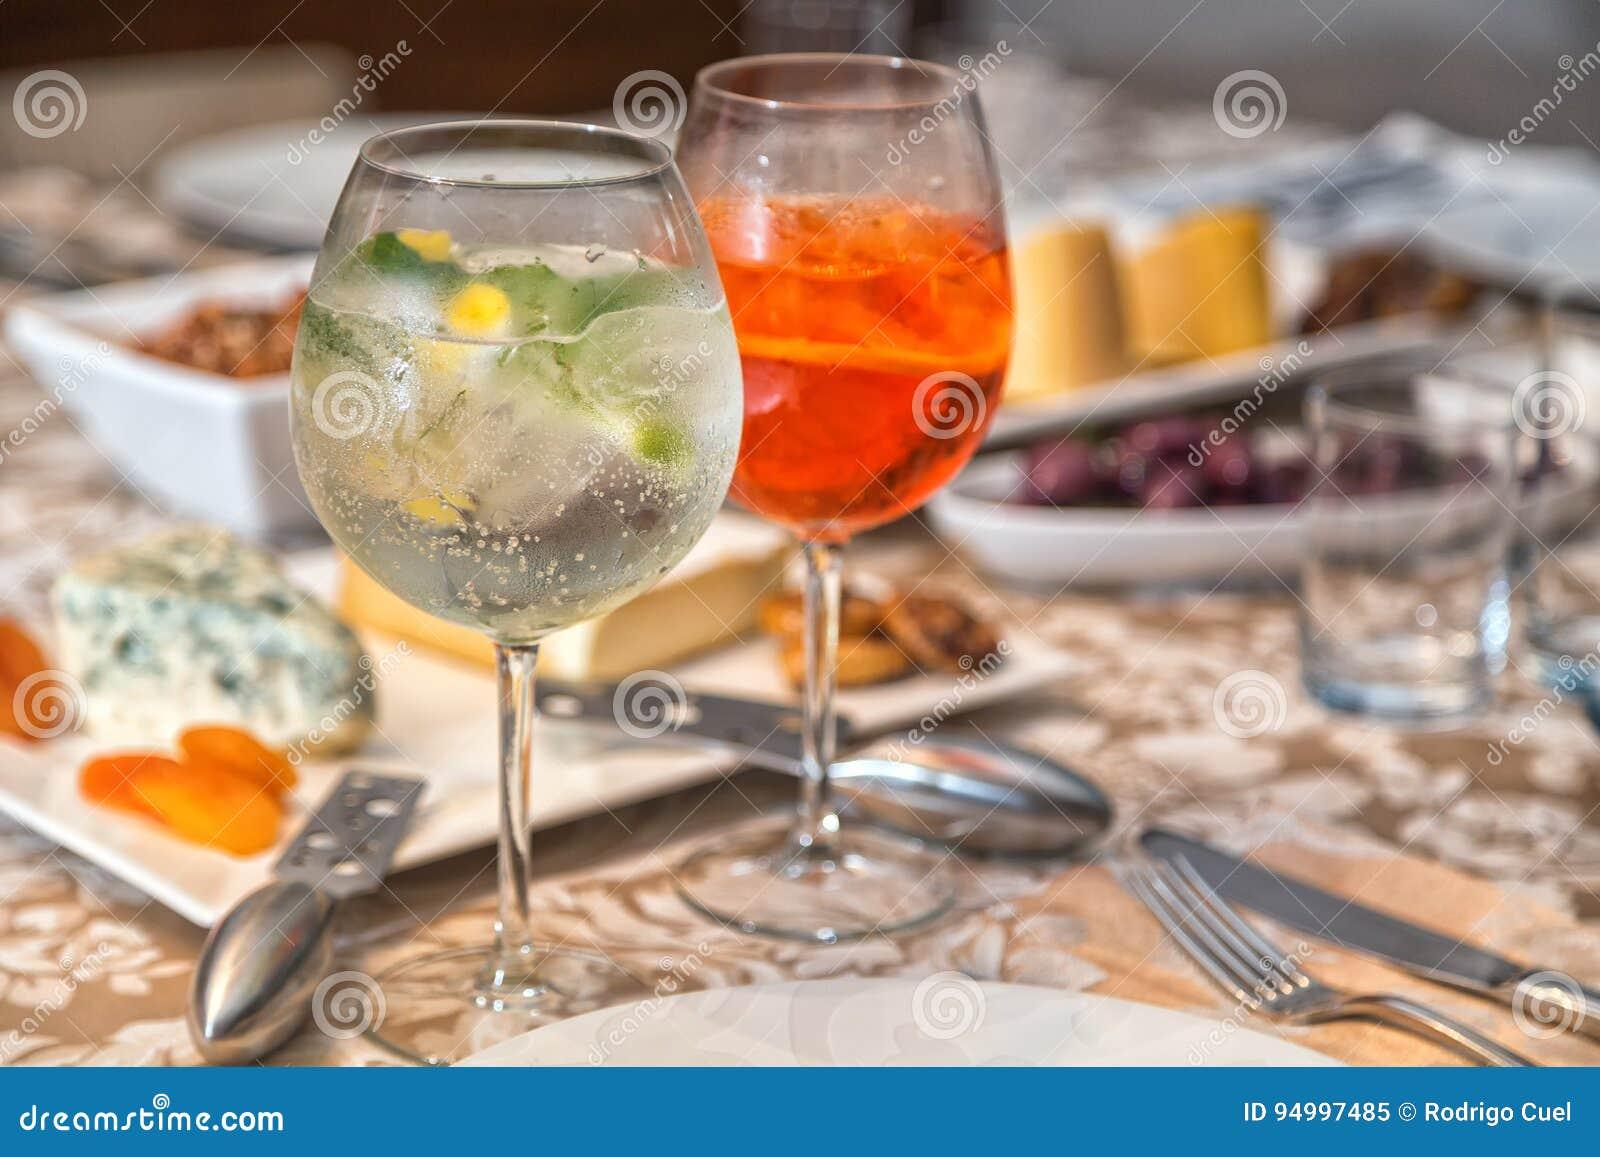 Gin Tonic Und Aperol Spritz Stockbild - Bild von italienisch ...